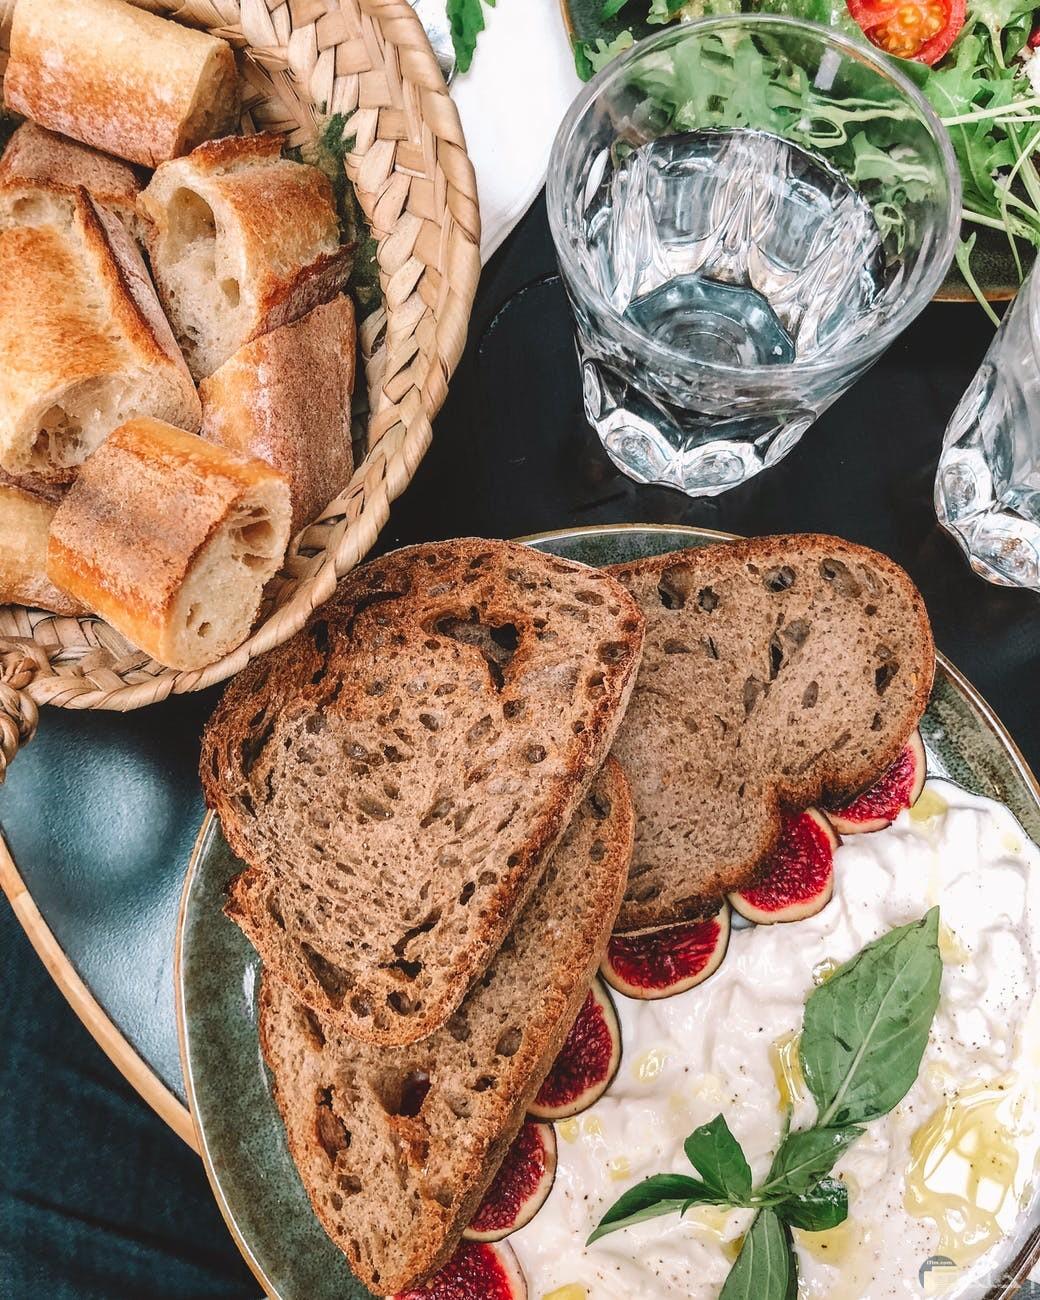 فطور قطع خبز وبيض اومليت وشرائح تين